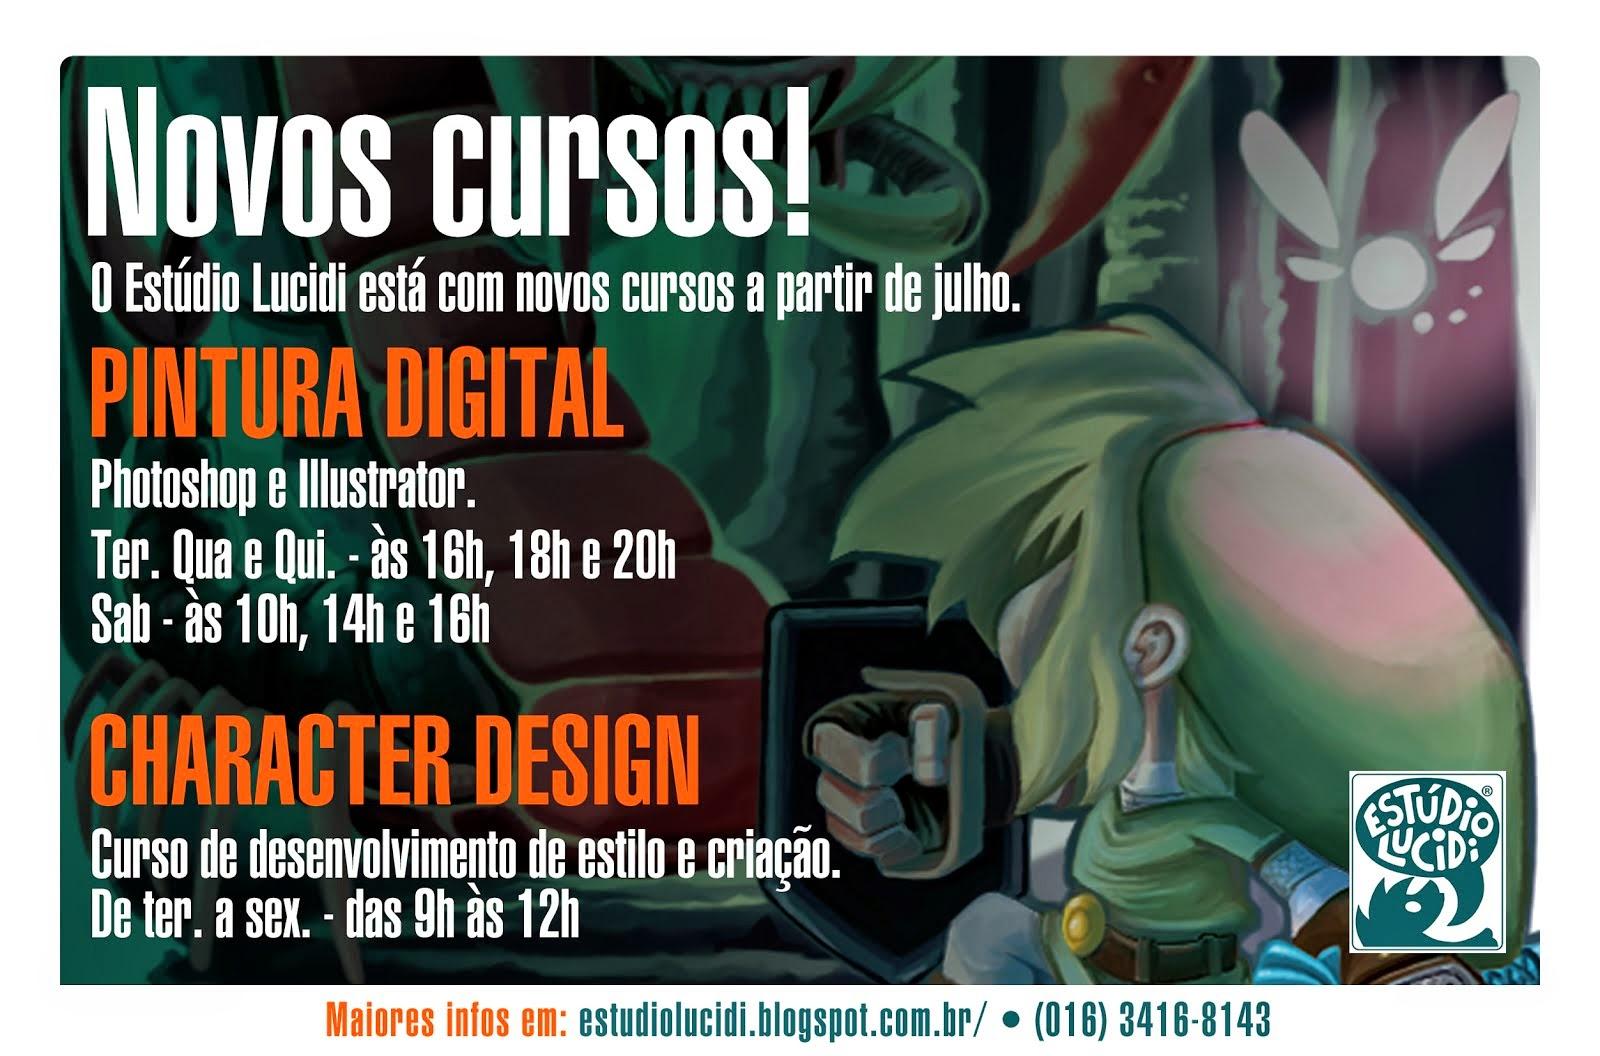 Cursos de Pintura Digital